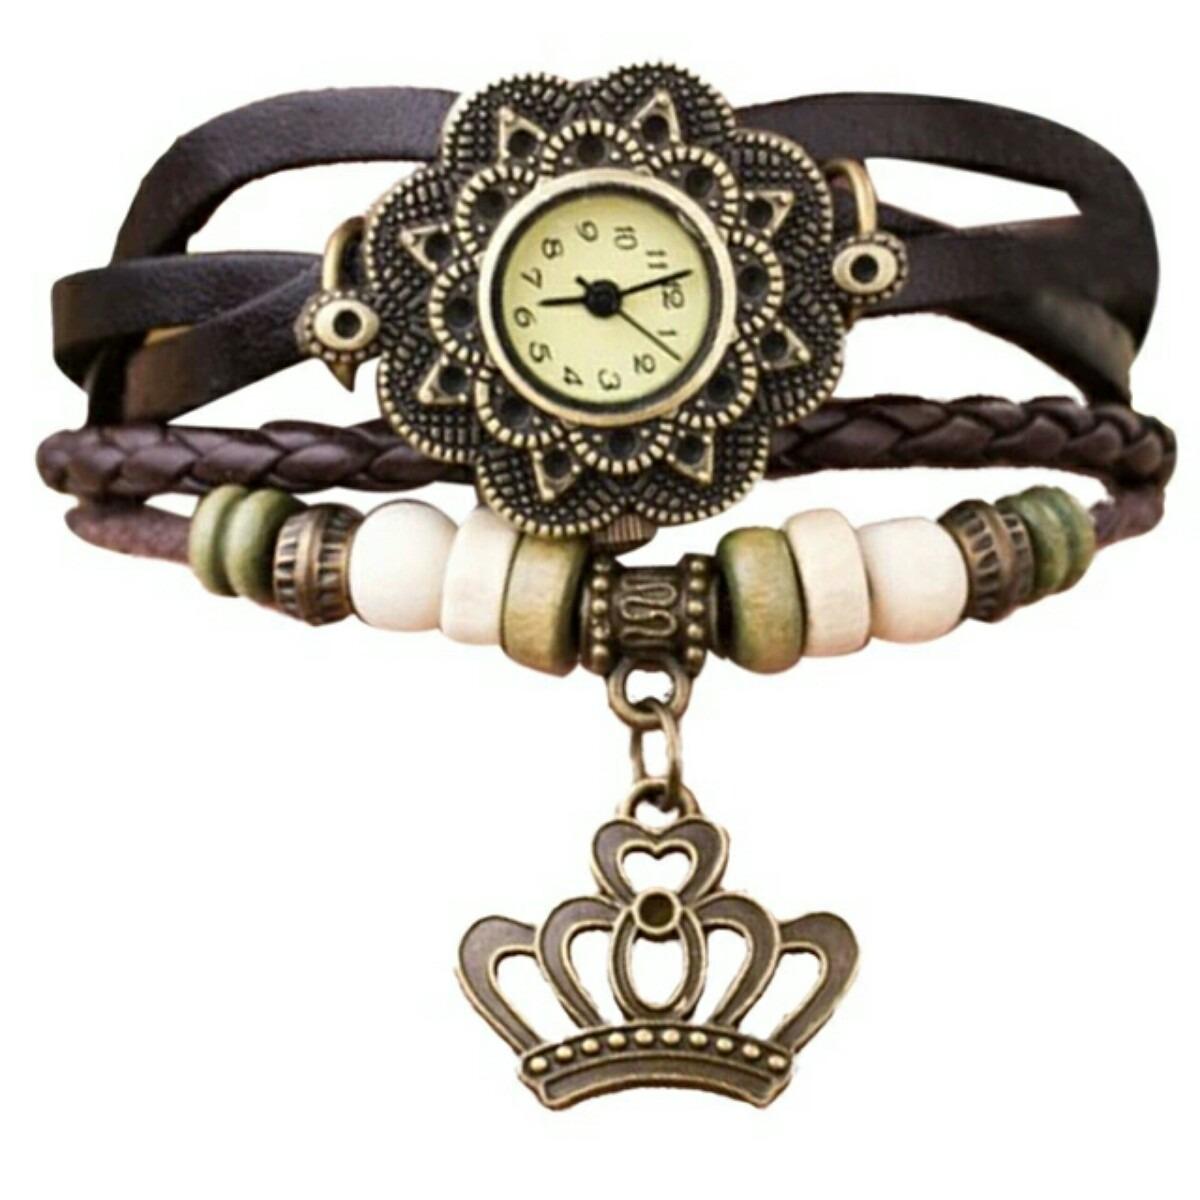 15b0ab9301f relógios femininos de pulso pingente artesanal de couro. Carregando zoom.